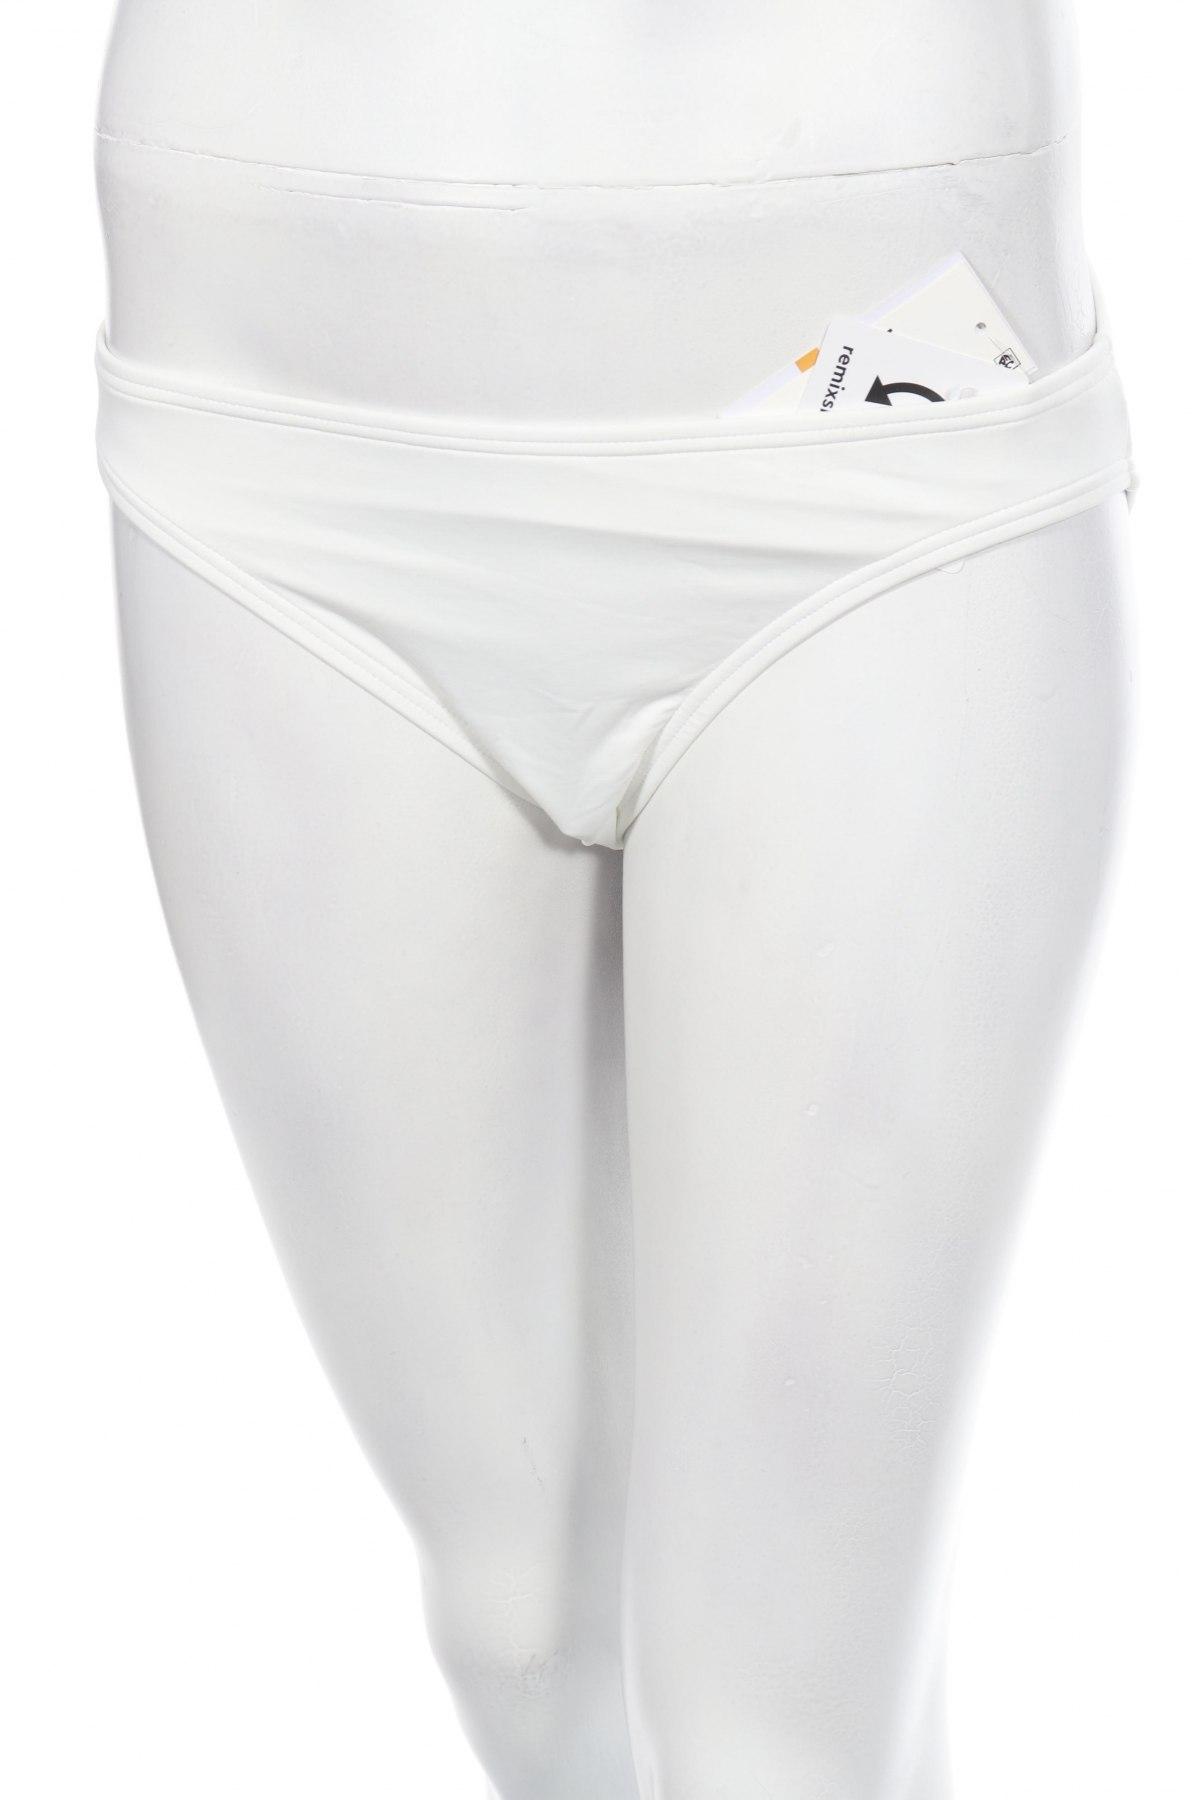 Дамски бански MICHAEL Michael Kors, Размер S, Цвят Бял, 85% полиамид, 15% еластан, Цена 24,92лв.